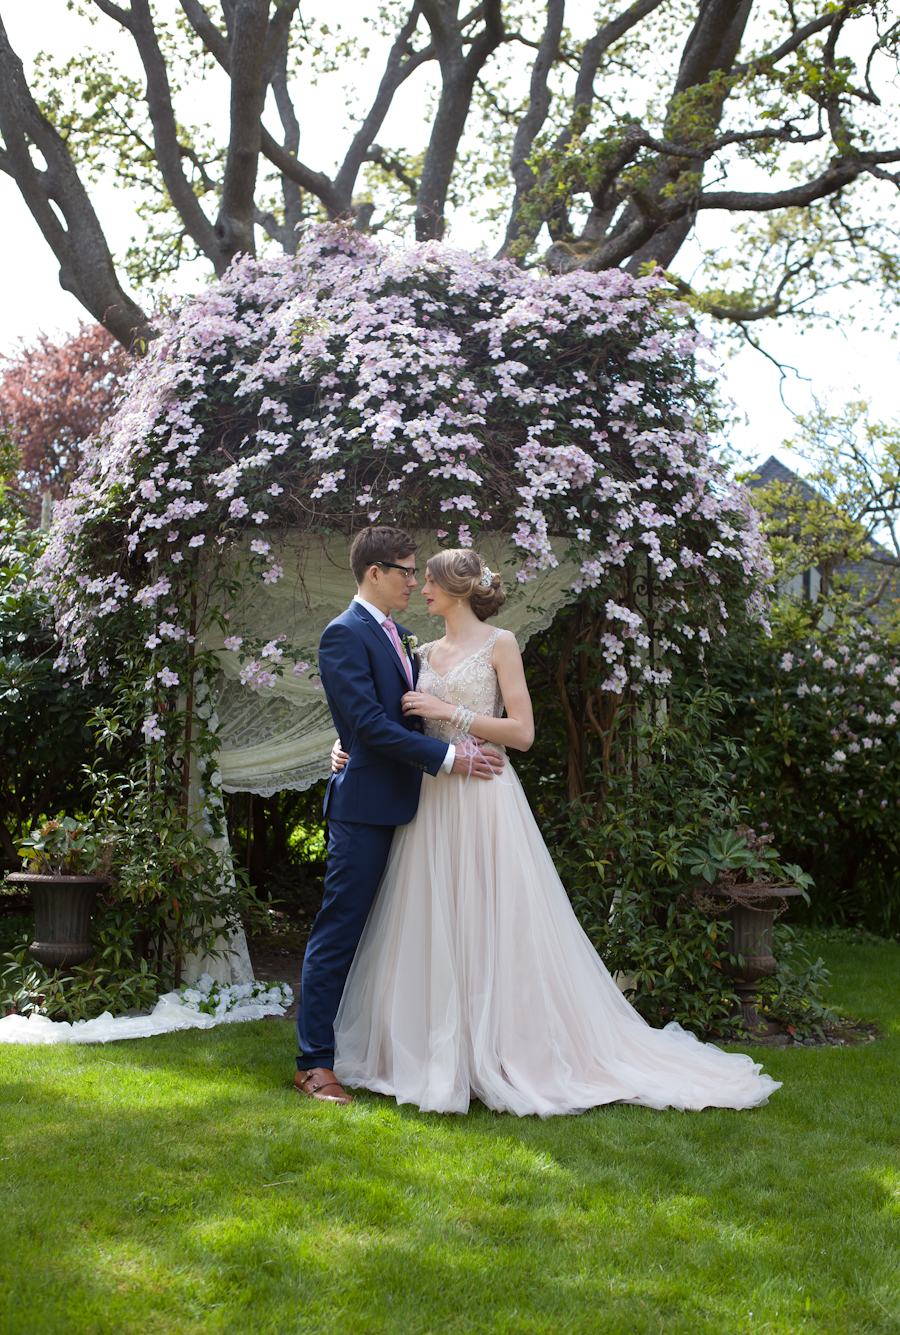 Portrait of bride and groom at Villa Marco Polo Inn, Victoria, BC